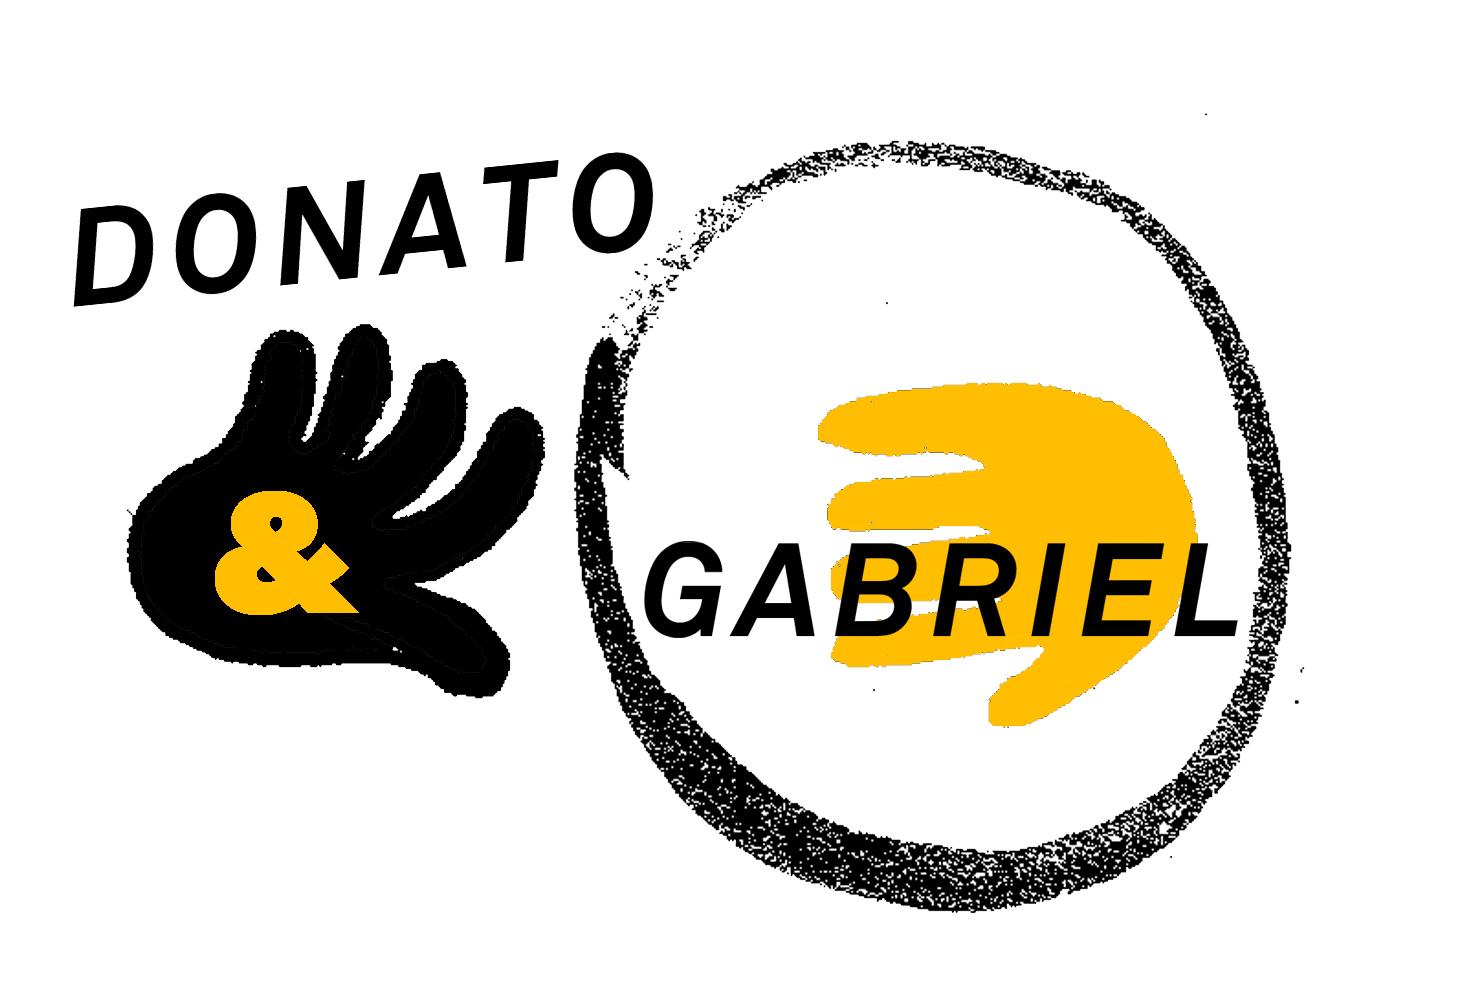 donato&gabriel